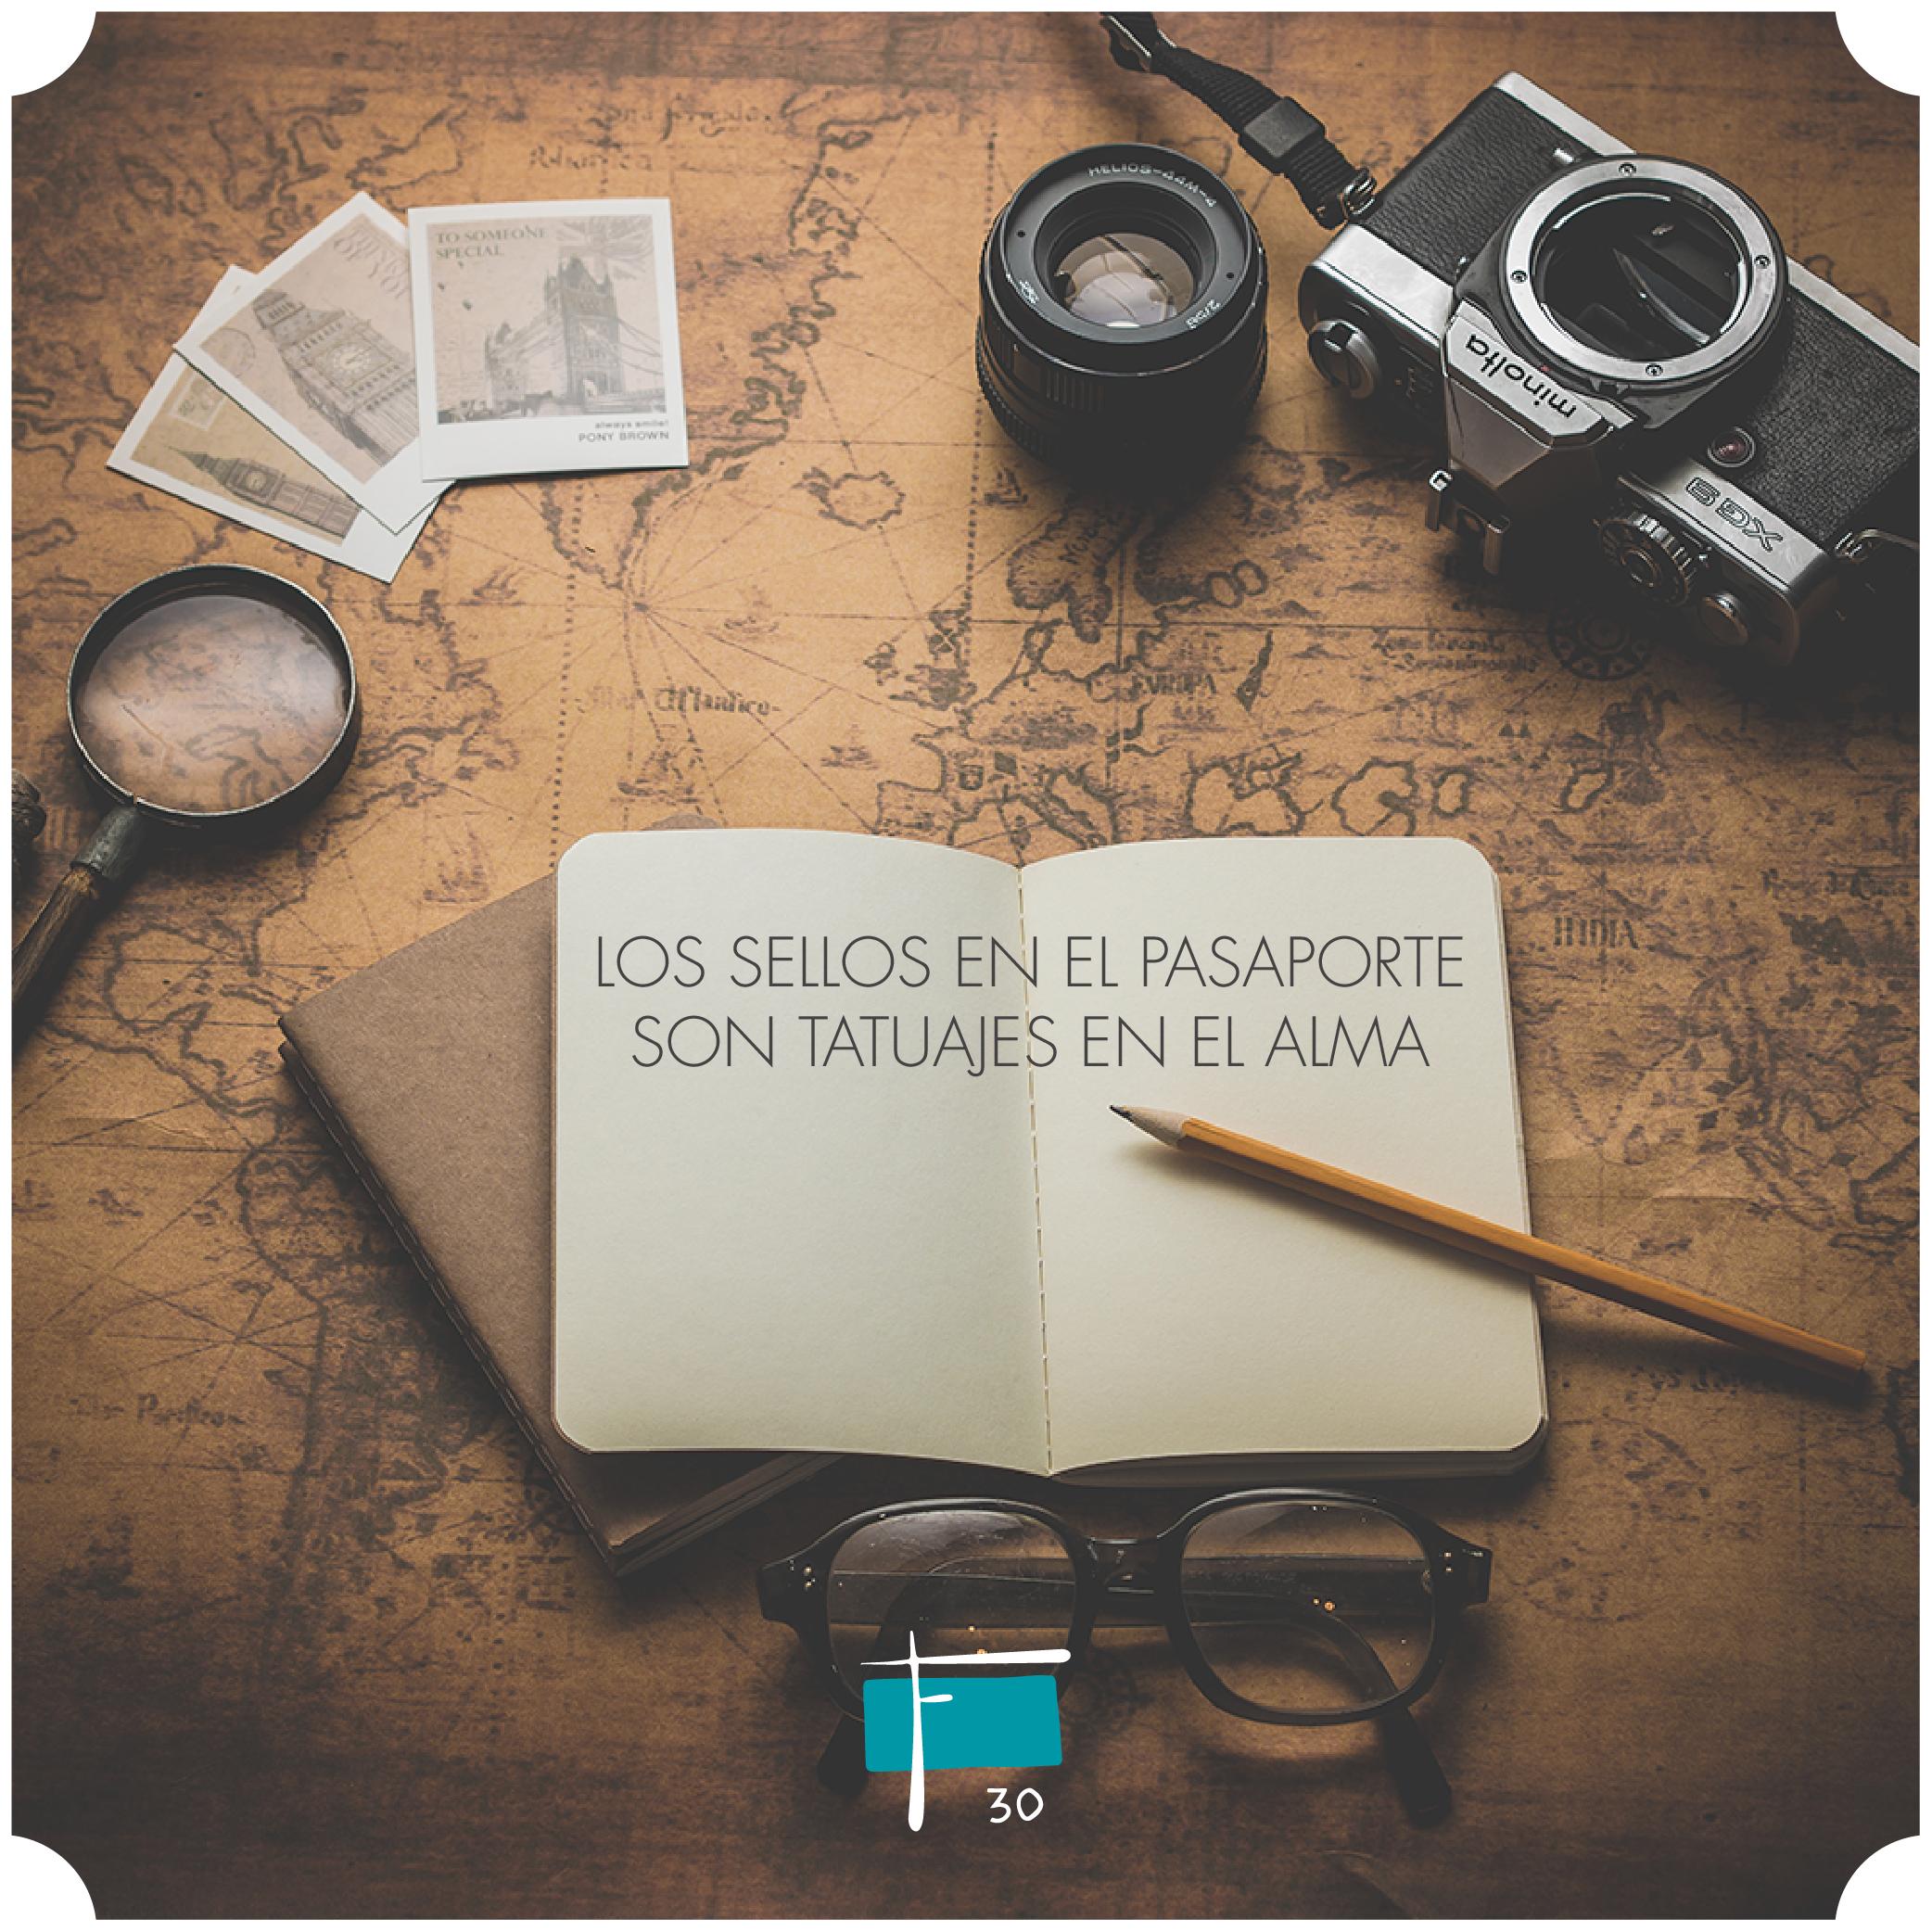 Cuaderno de notas, cámara de fotos, y un lapicero